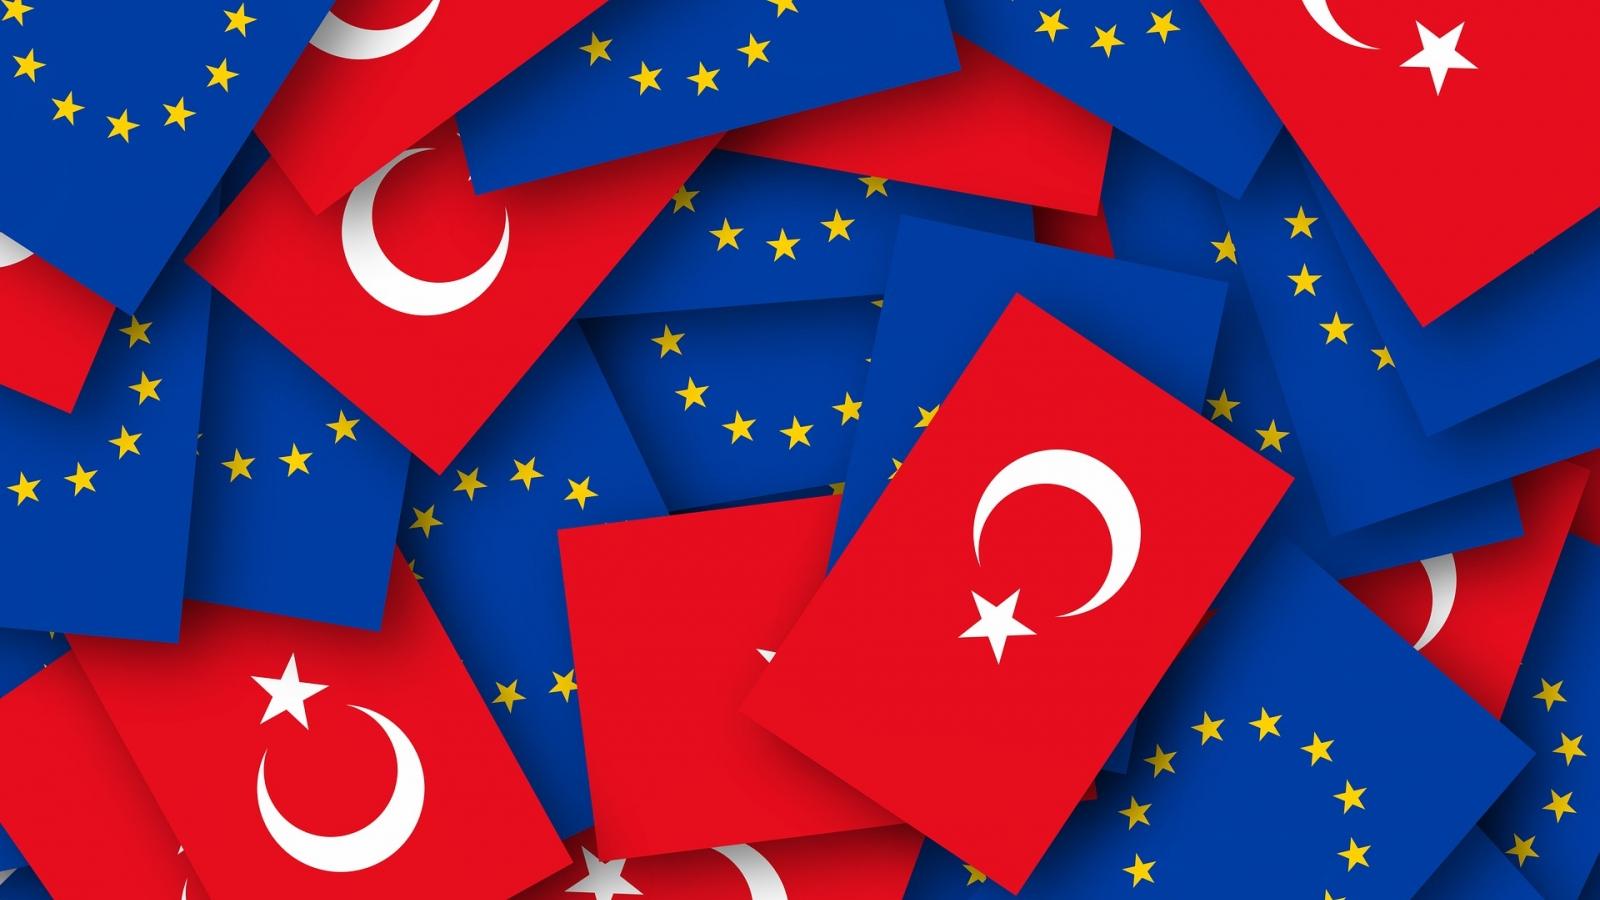 Hy Lạp và Thổ Nhĩ Kỳ xuống thang: Tâm bão địa chính trị ở Đông Địa Trung Hải sẽ tan?